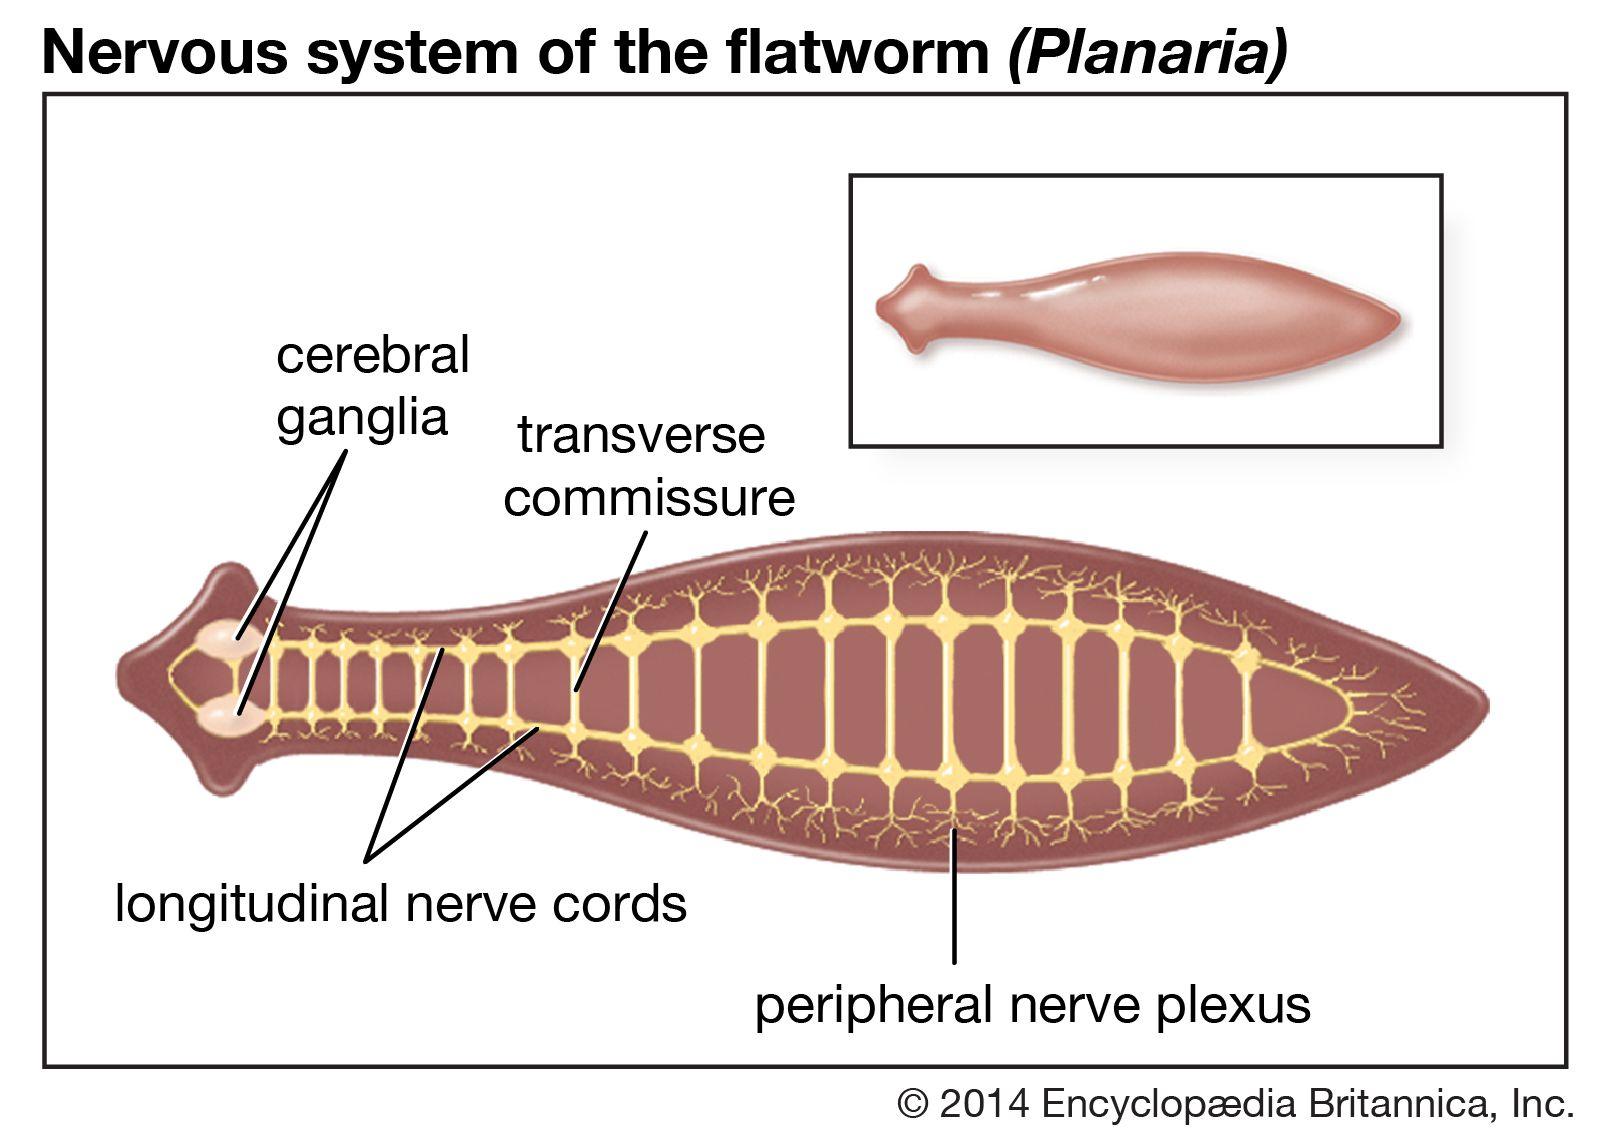 Állati egysejtűek országa (Regnum Protozoa) Ostoros ... - MochaHost